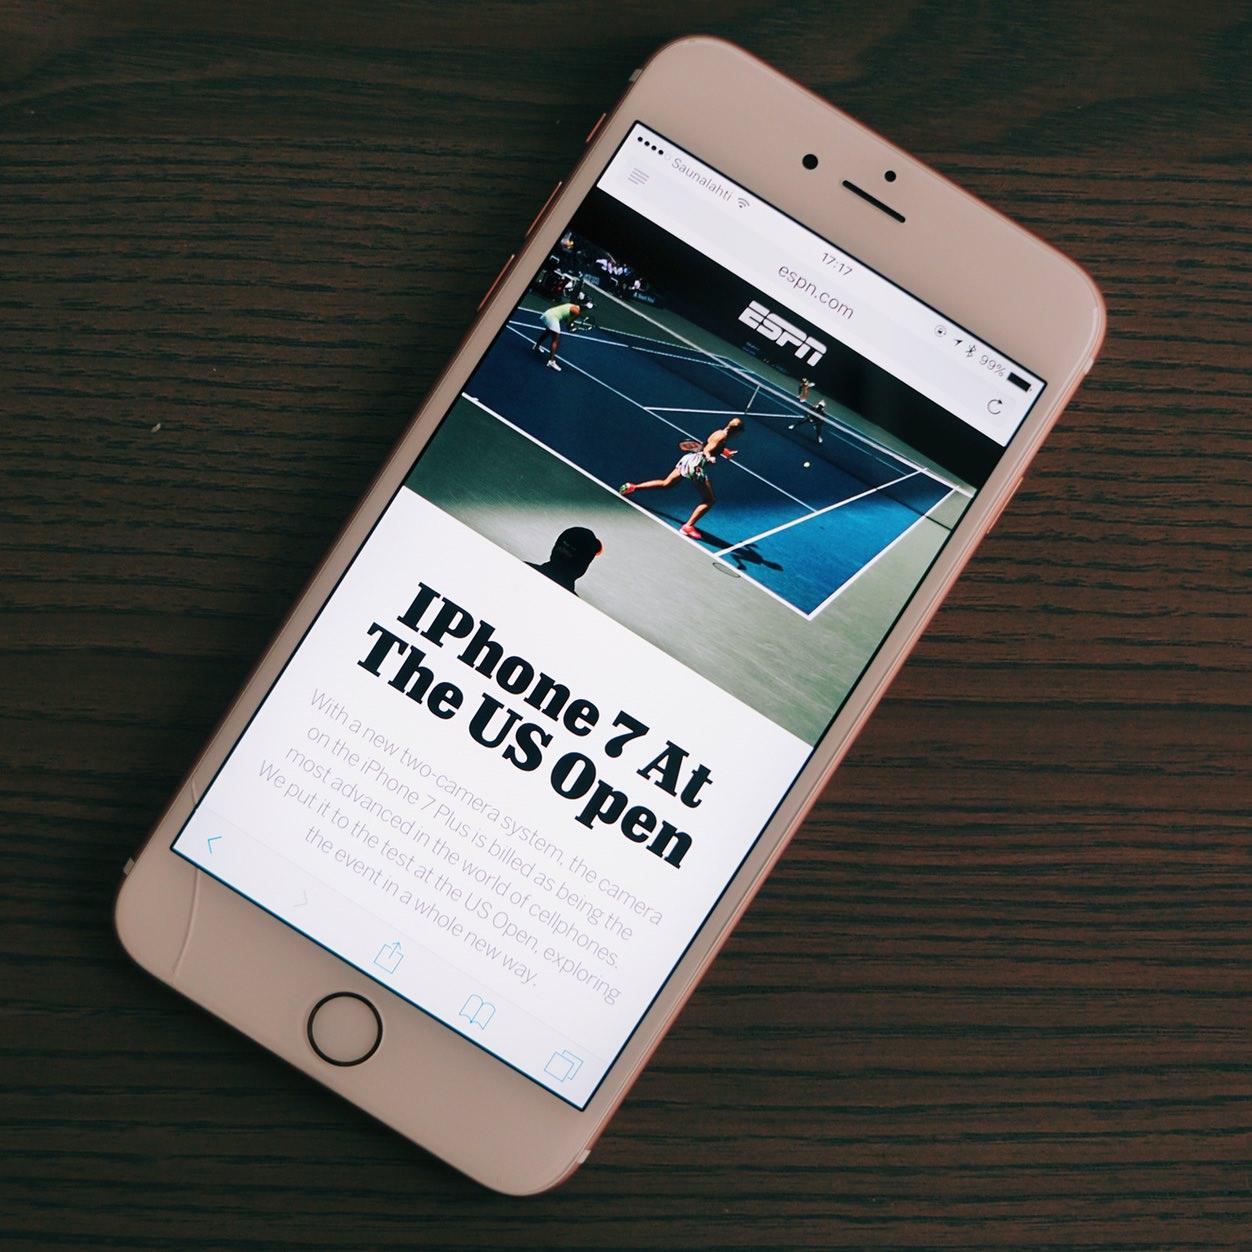 iphoneblog-de_us_open